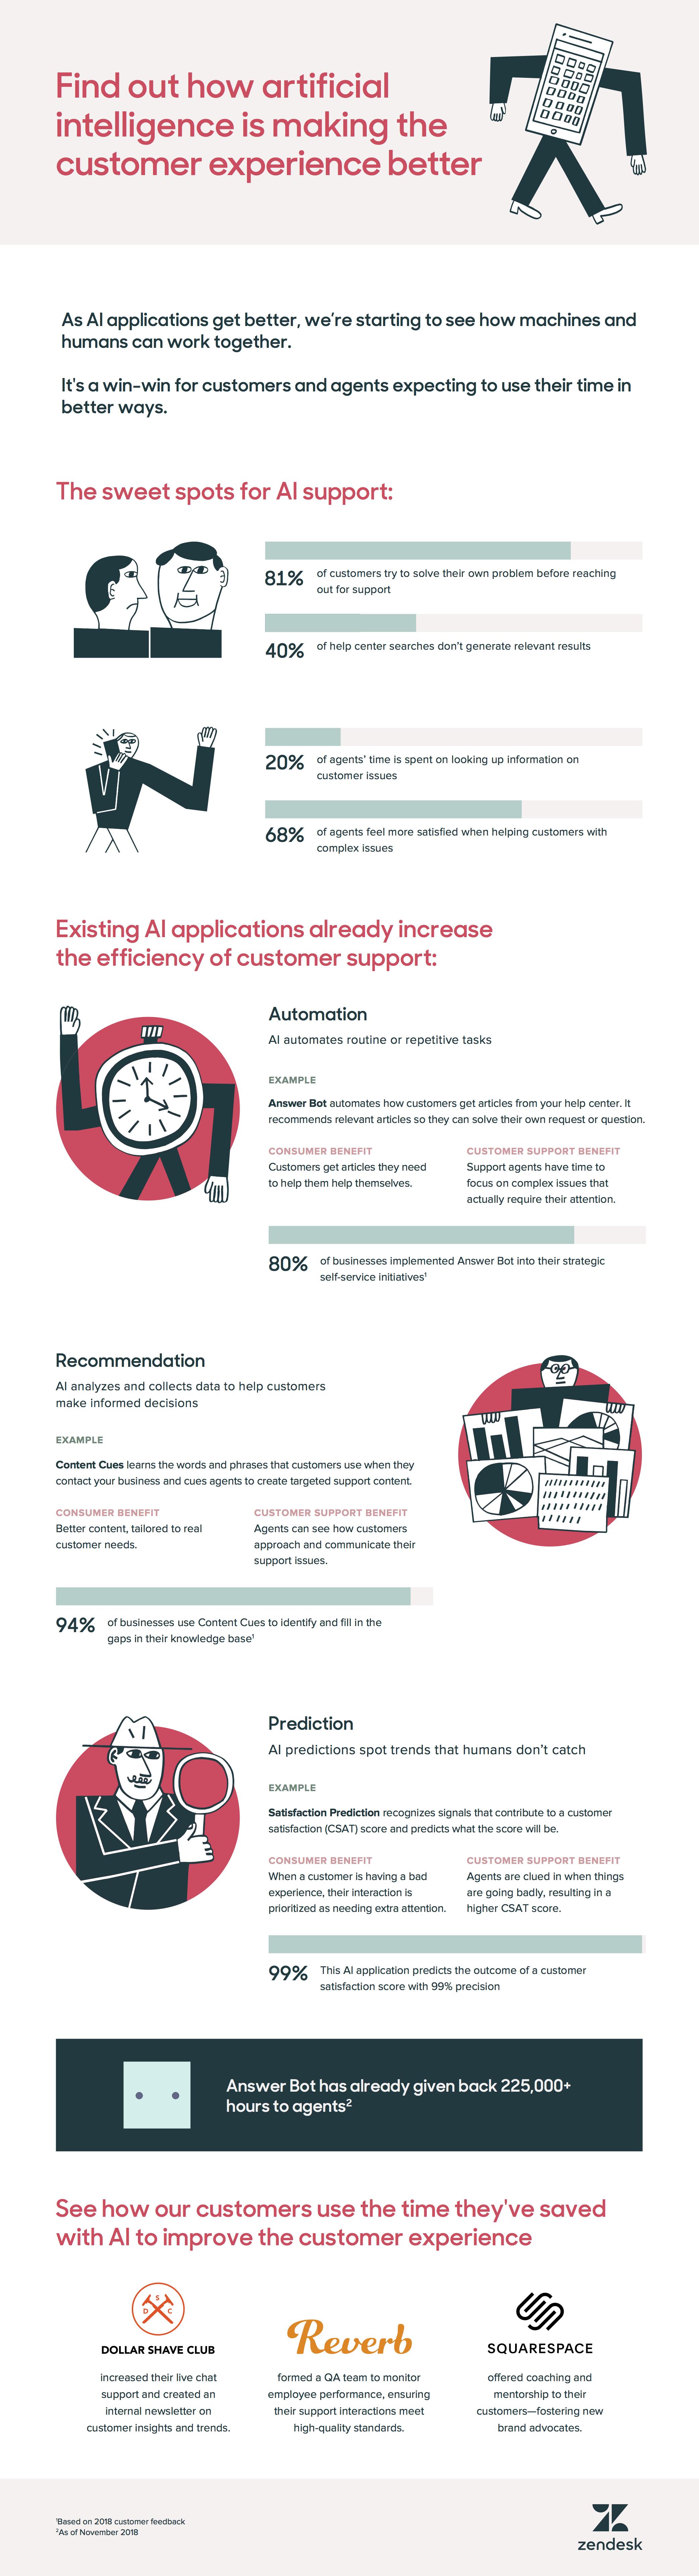 ปัญญาประดิษฐ์จะทำให้ลูกค้าได้รับประสบการณ์ที่ดีขึ้นได้อย่างไร